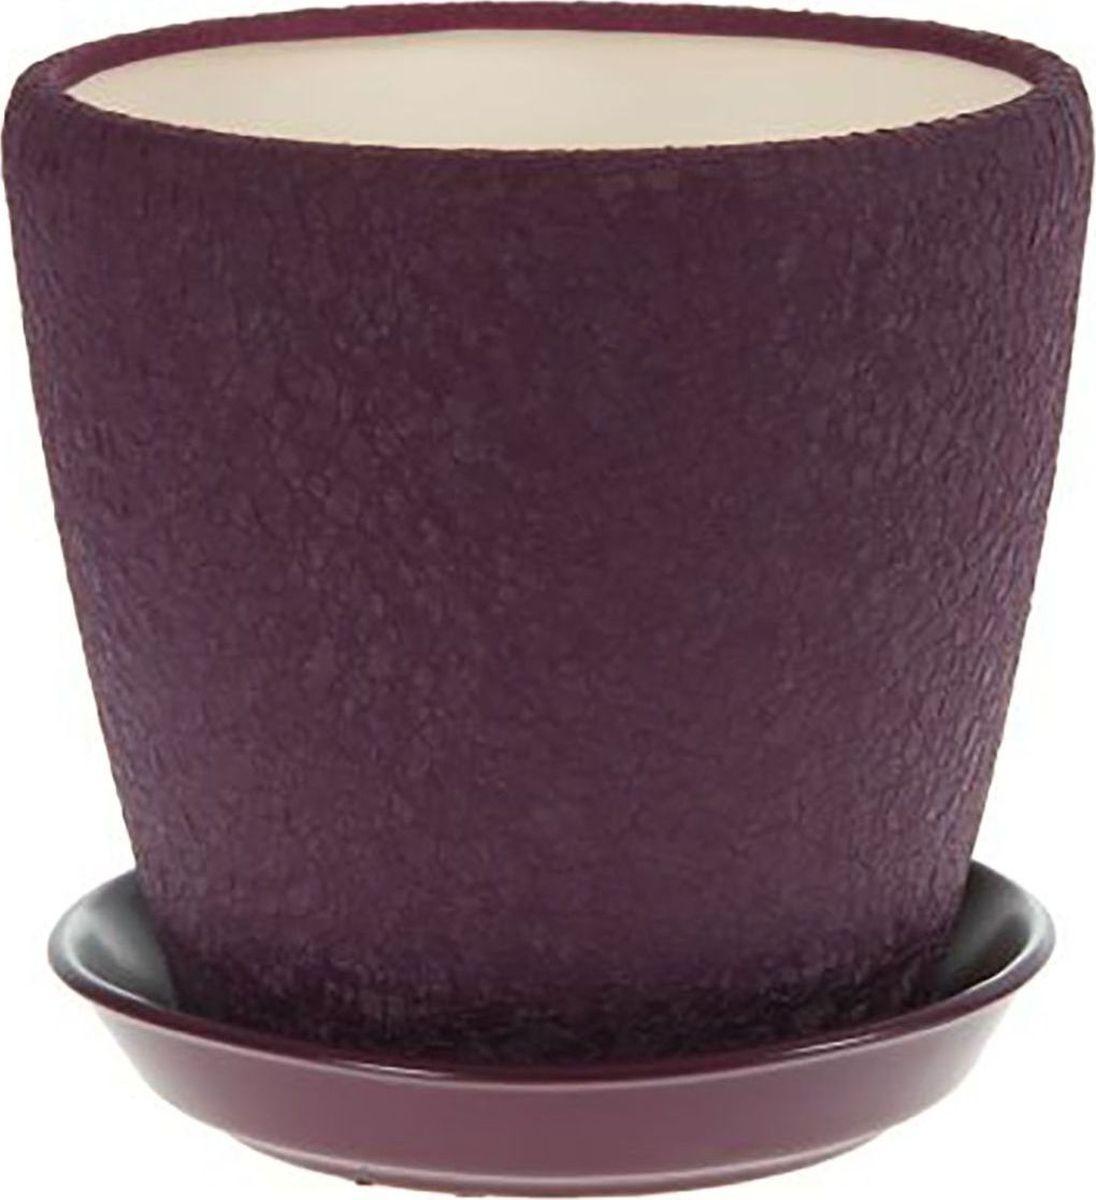 Кашпо Керамика ручной работы Грация, цвет: фиолетовый, 4,5 л